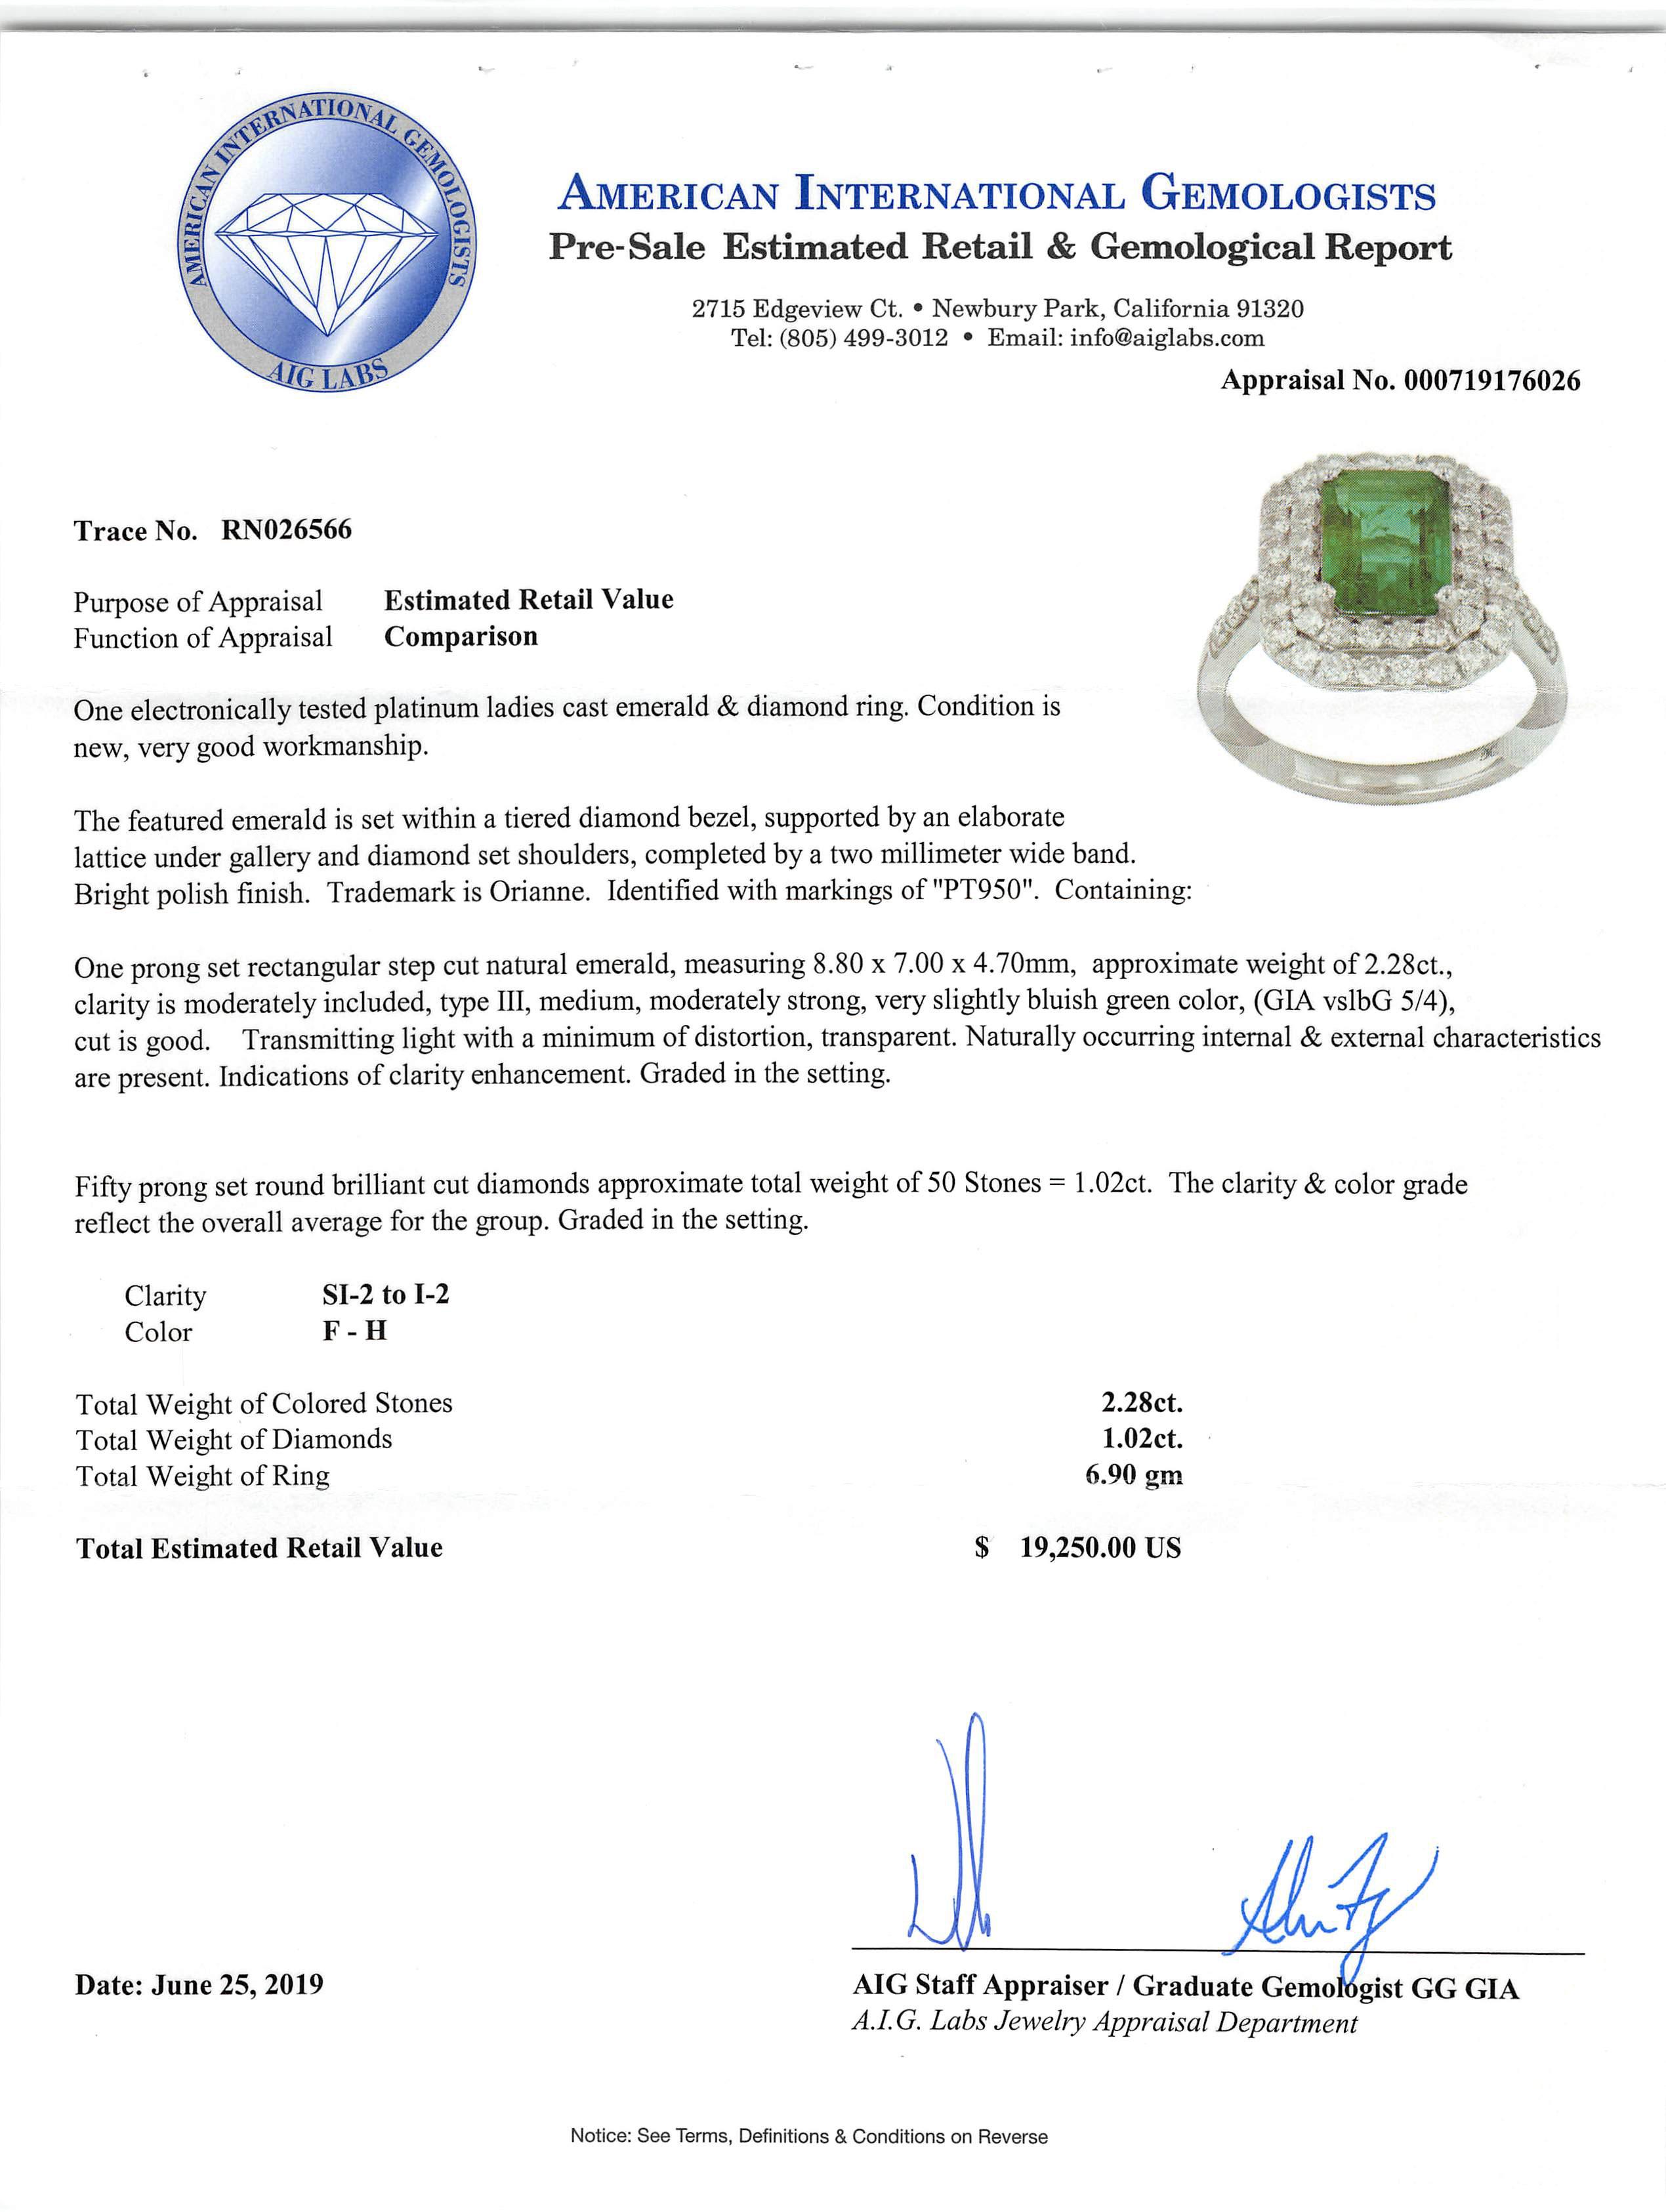 Lot 584 - Platinum, Emerald and Diamond Ring , prong set rectangular step cut natural emerald, 8.80 x 7.00 x